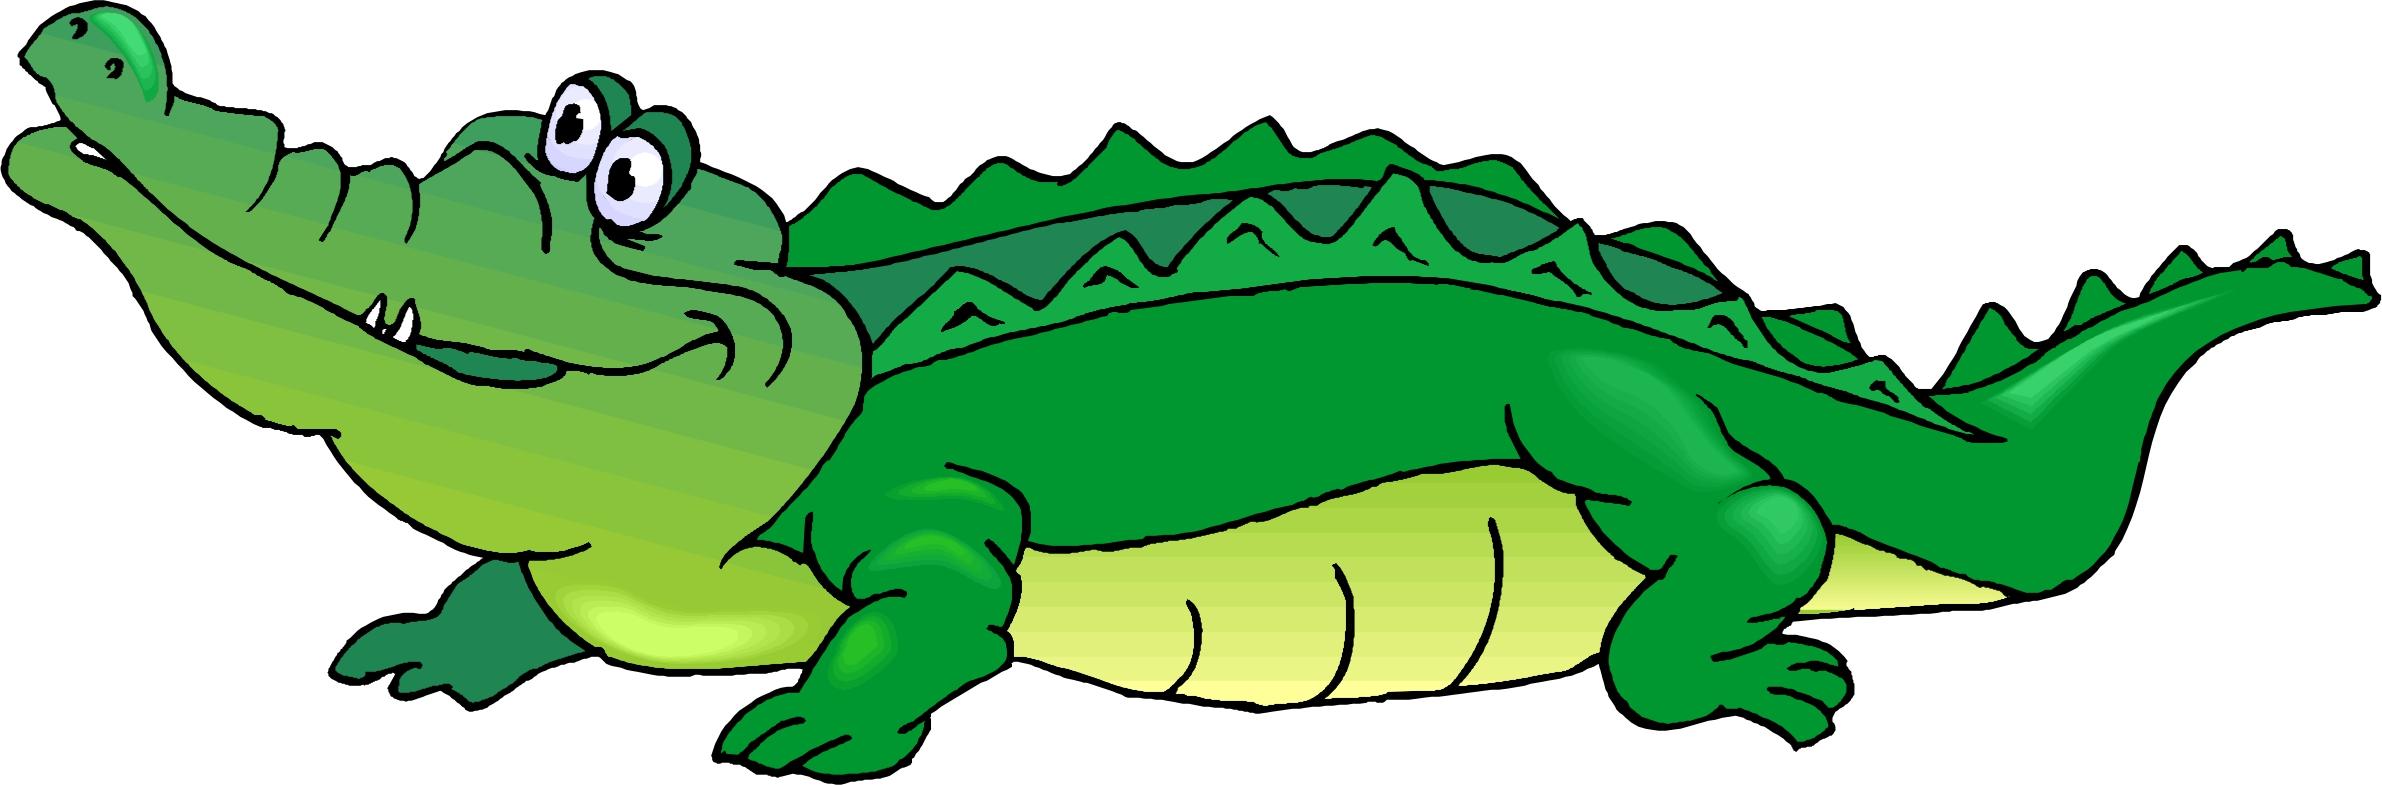 Crocodile Clip Art-Crocodile Clip Art-13